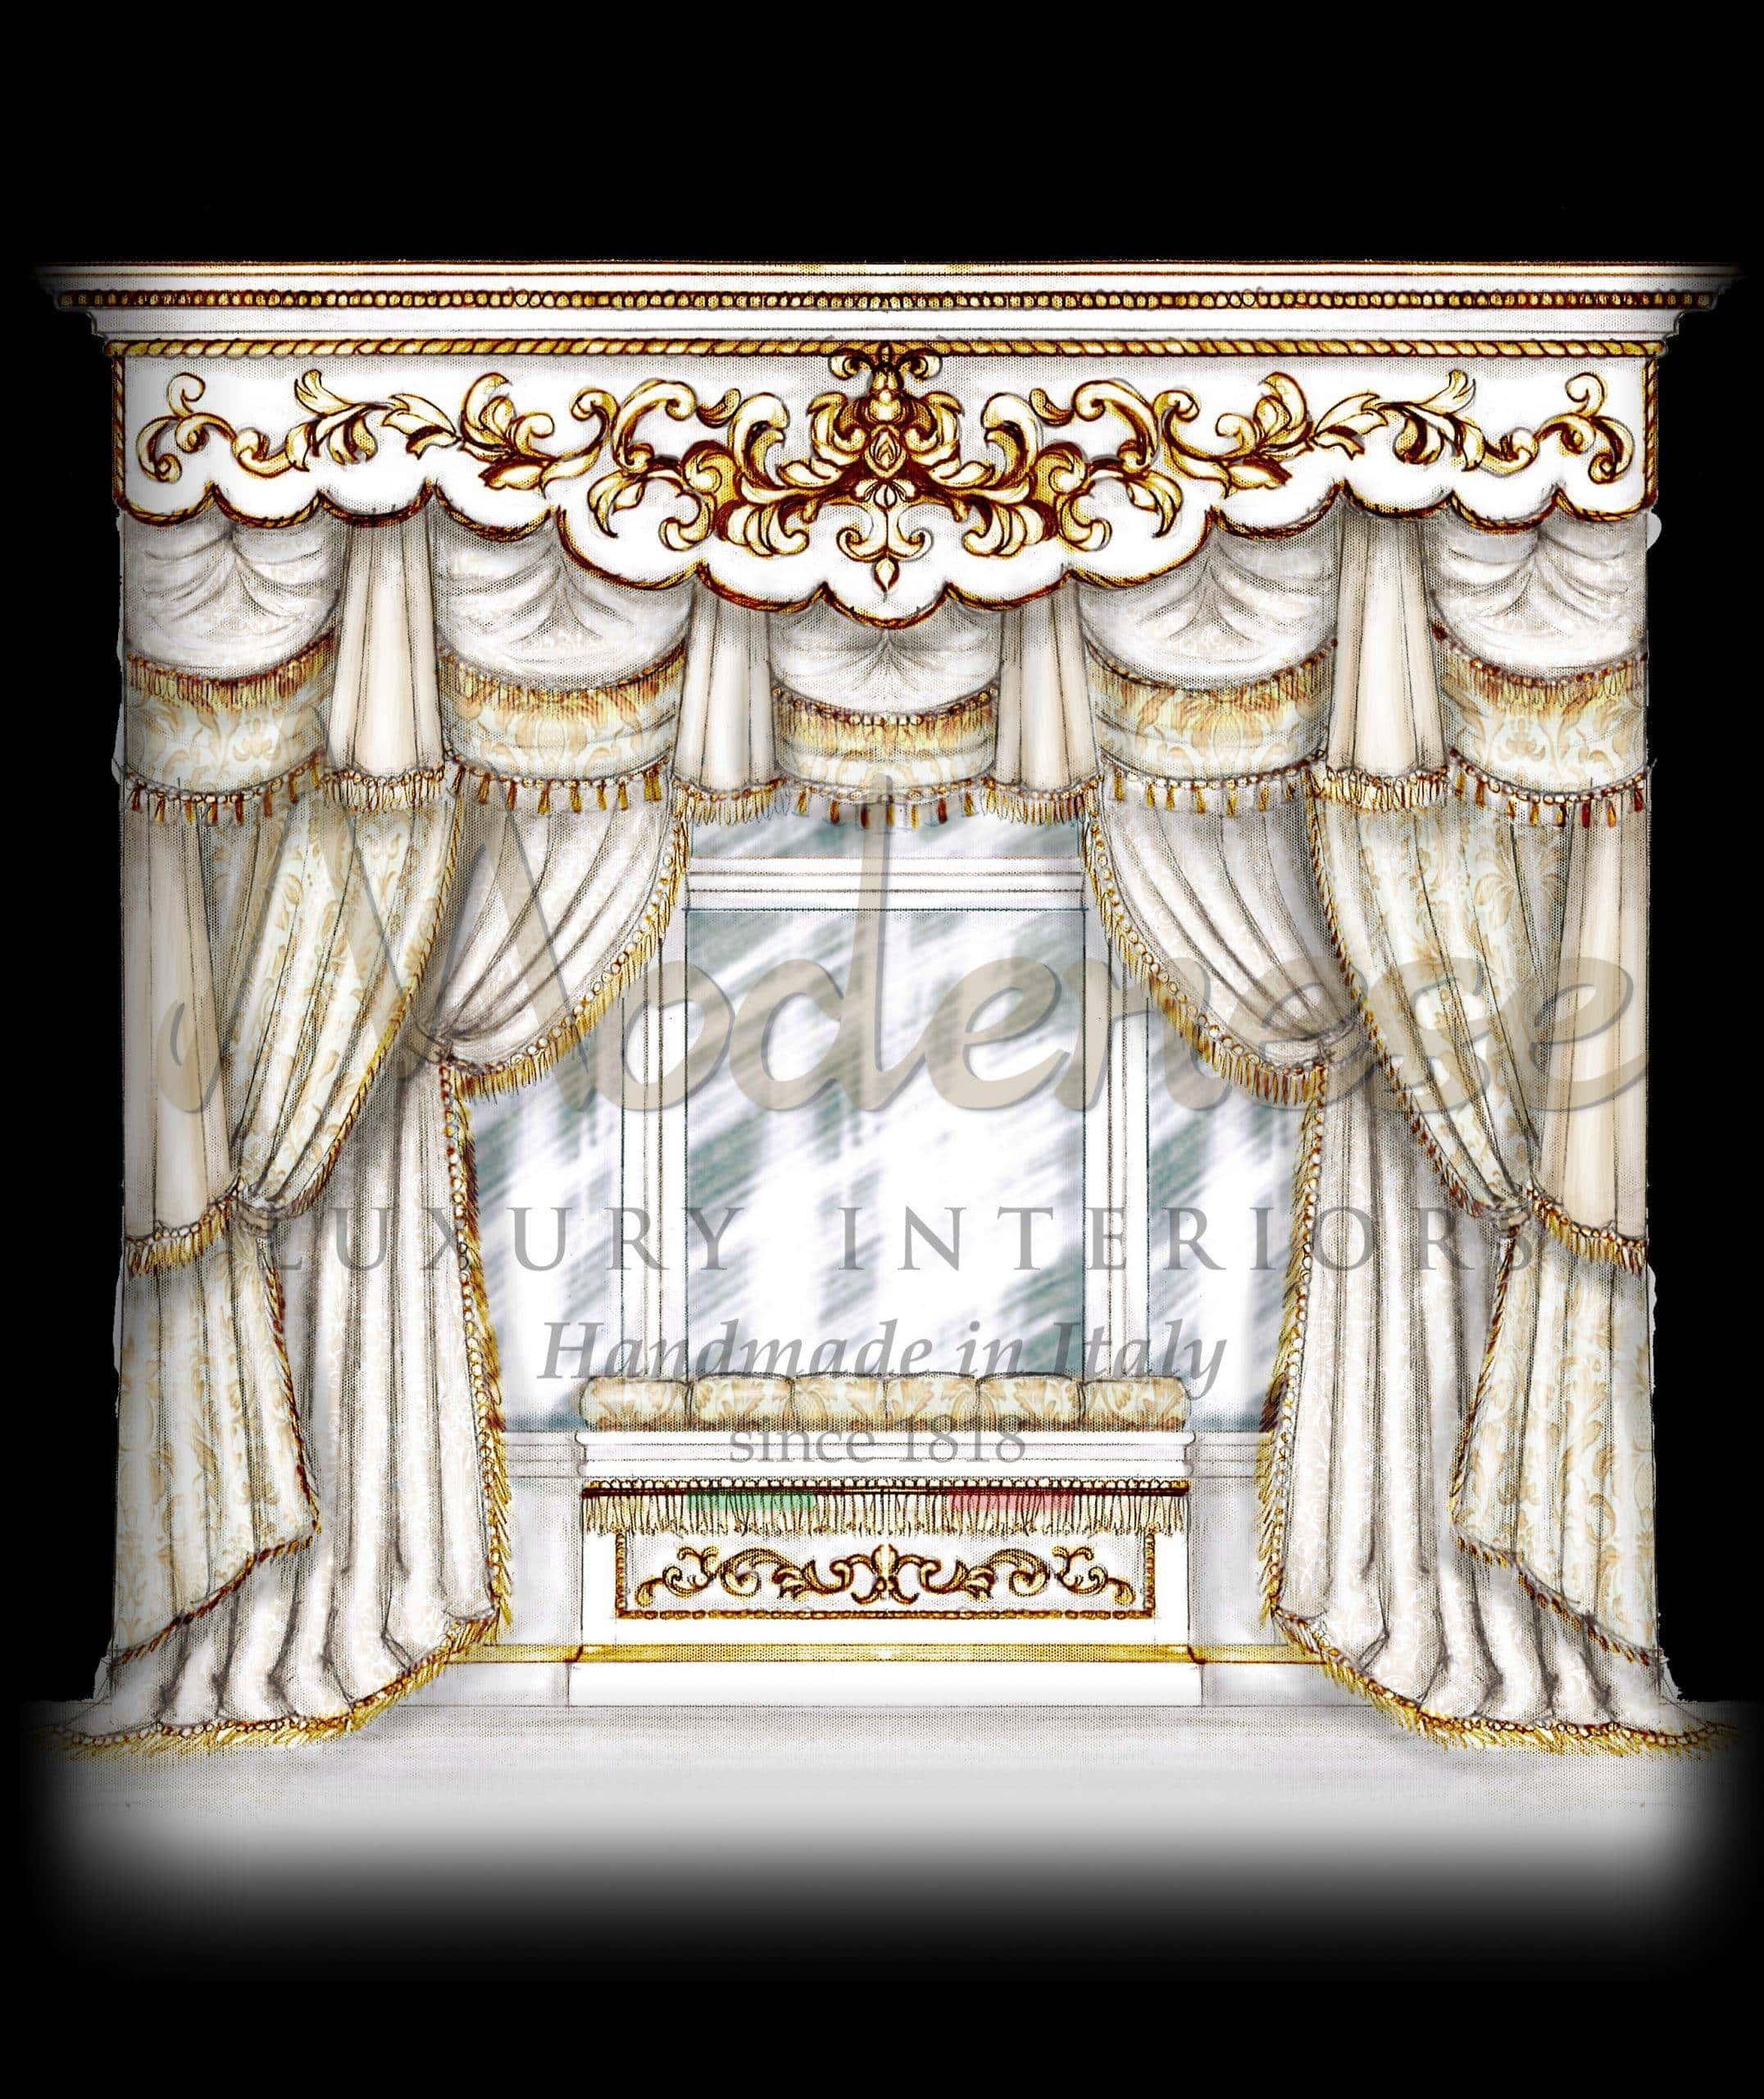 ستائر كلاسيكية مصنوعة يدويًا مصنوعة في إيطاليا رسومات عالية الجودة تفاصيل فاخرة خدمة التصميم الداخلي ديكور المنزل مشروع سكني تصميم باروكي ملكي بإنتاج الستائر الفيكتورية